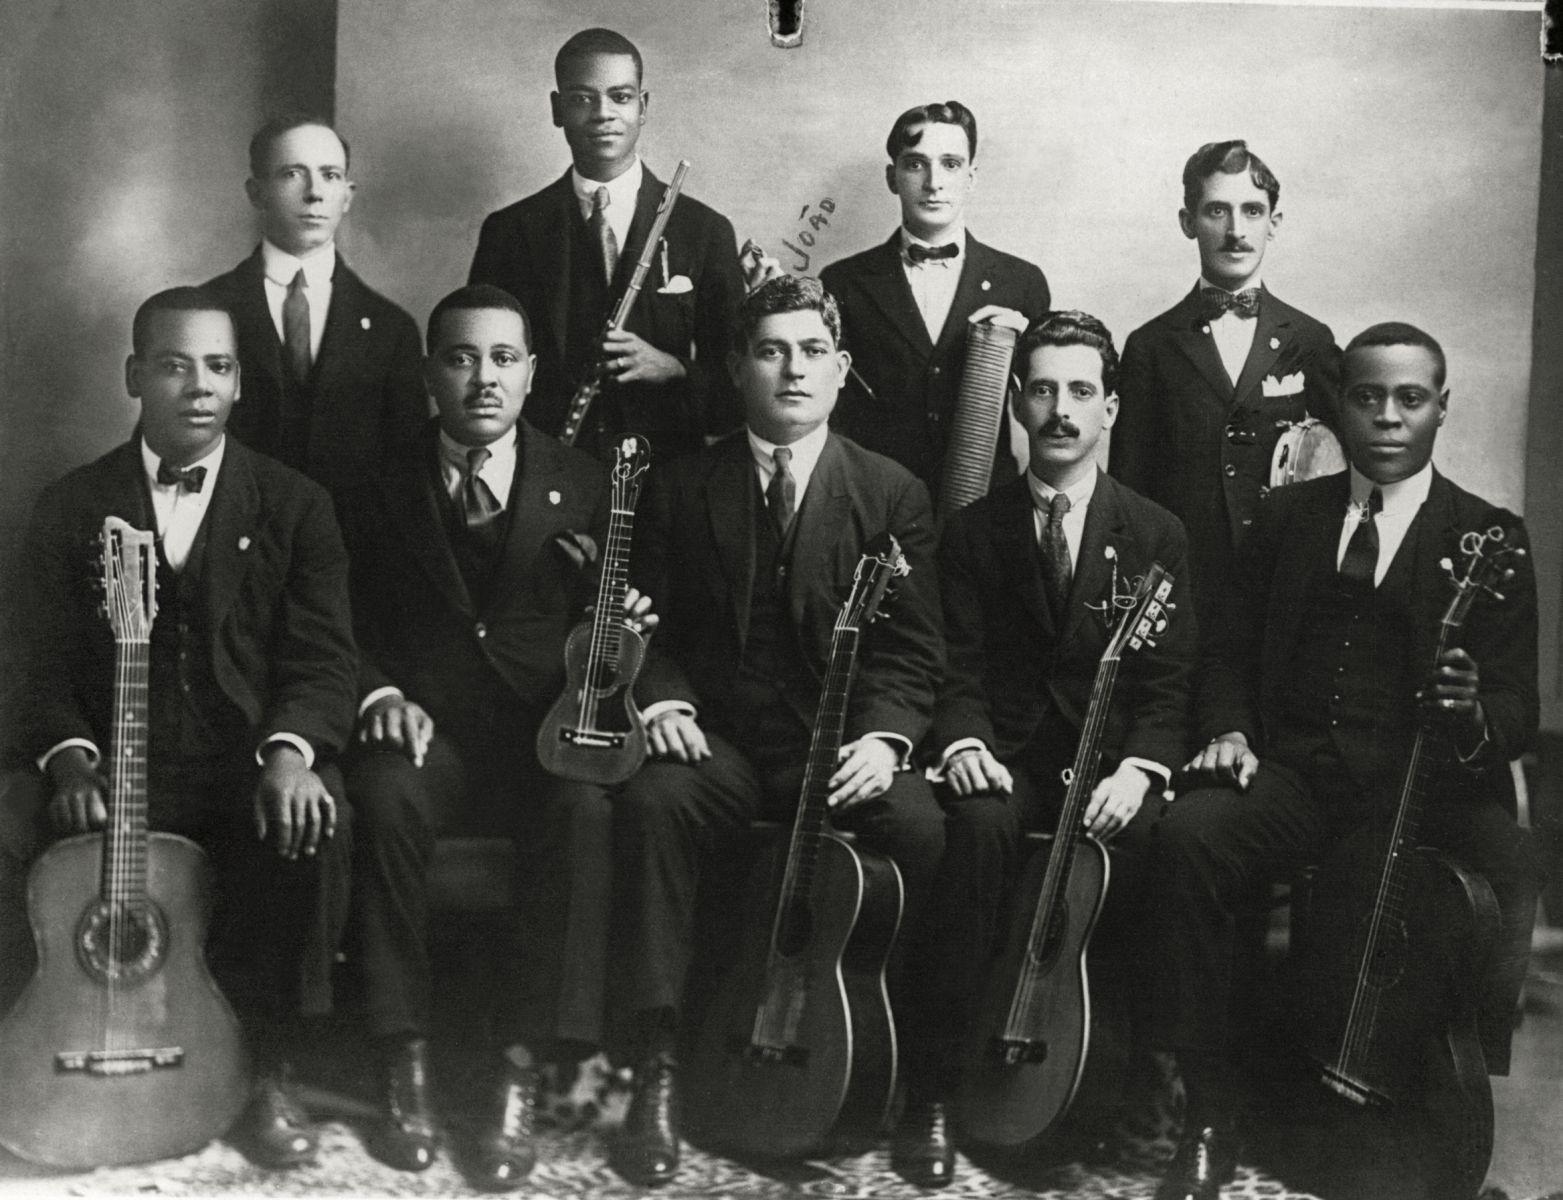 Música inédita de João Pernambuco é descoberta pelo Instituto Piano Brasileiro - João Pernambuco e Os Oito Batutas